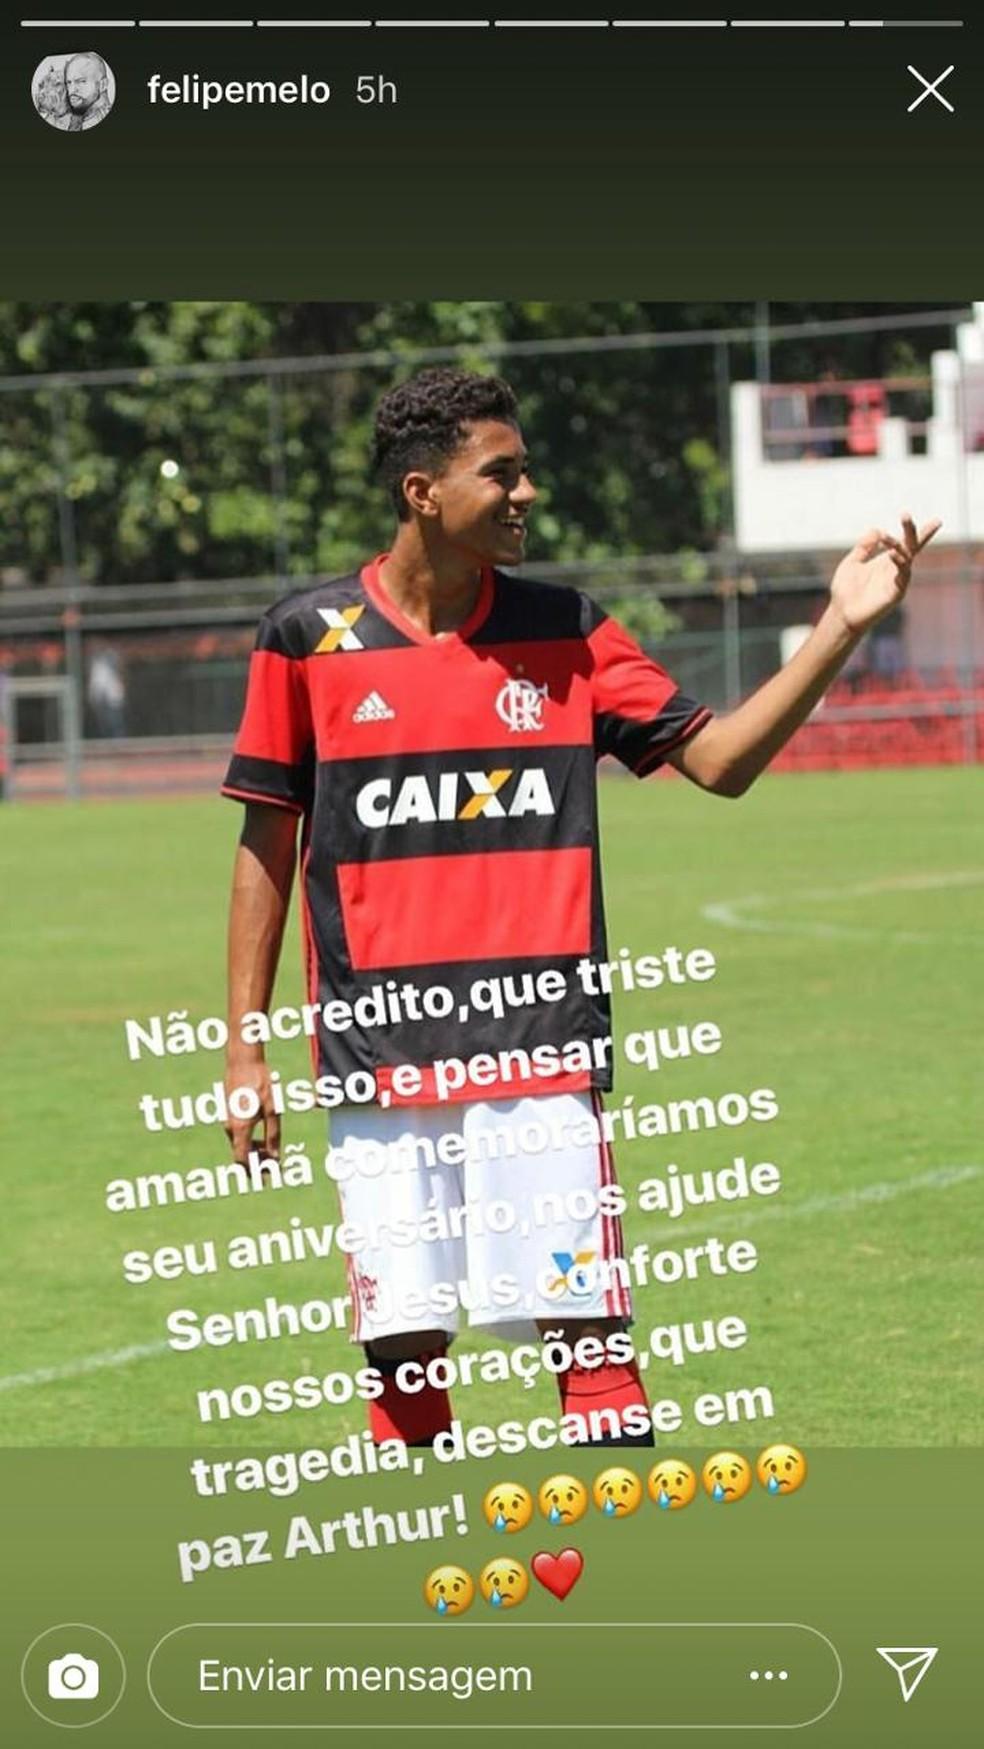 Mensagem de Felipe Melo, do Palmeiras, no Instagram — Foto: Reprodução / Instagram